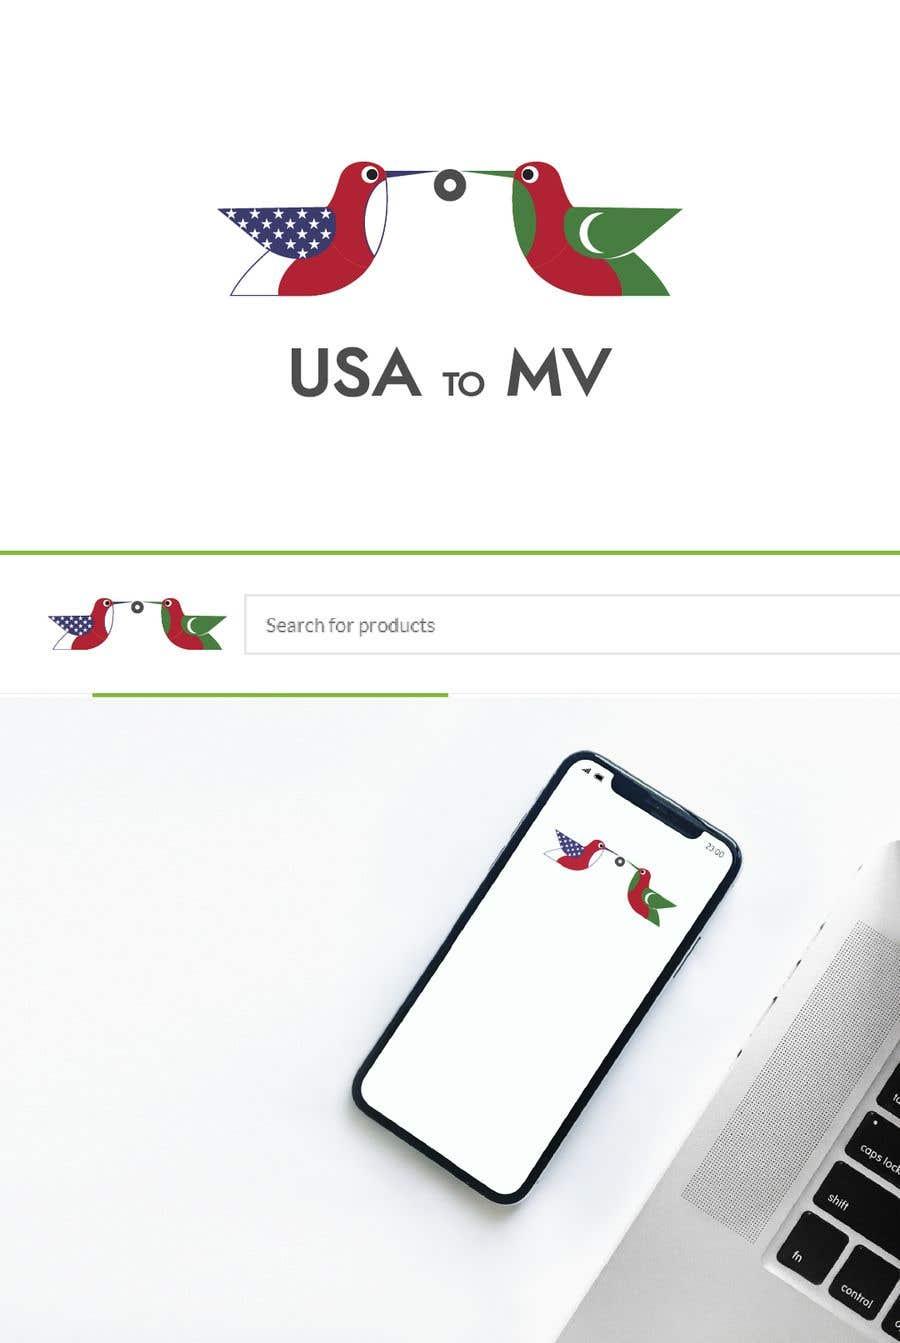 Bài tham dự cuộc thi #35 cho Logo for website